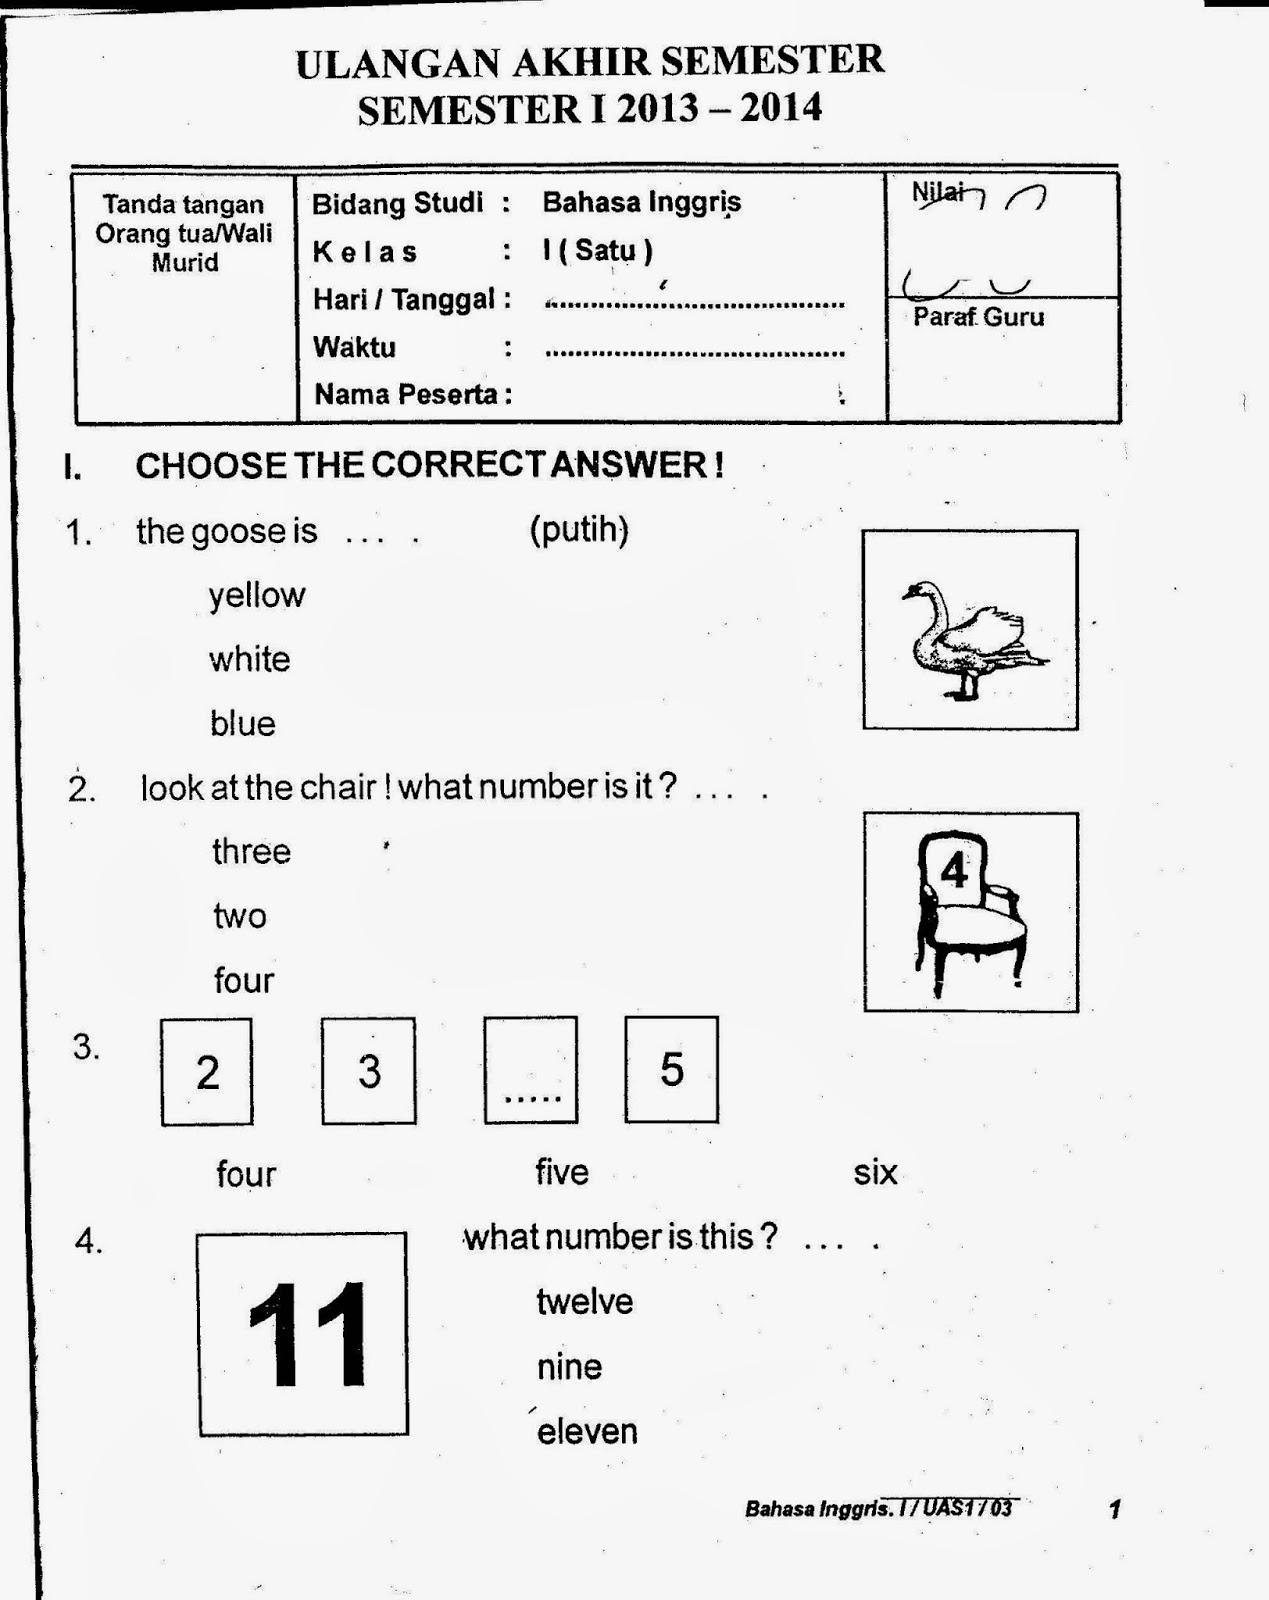 Soal Bahasa Inggris Kls 3 Sd Semester 2 Soal Bahasa Inggris Sd Kelas 1 Soalujiannet Know B How Do You Soal Uts Ipa Sd Kelas 6 Semester 2 Jawaban Contoh